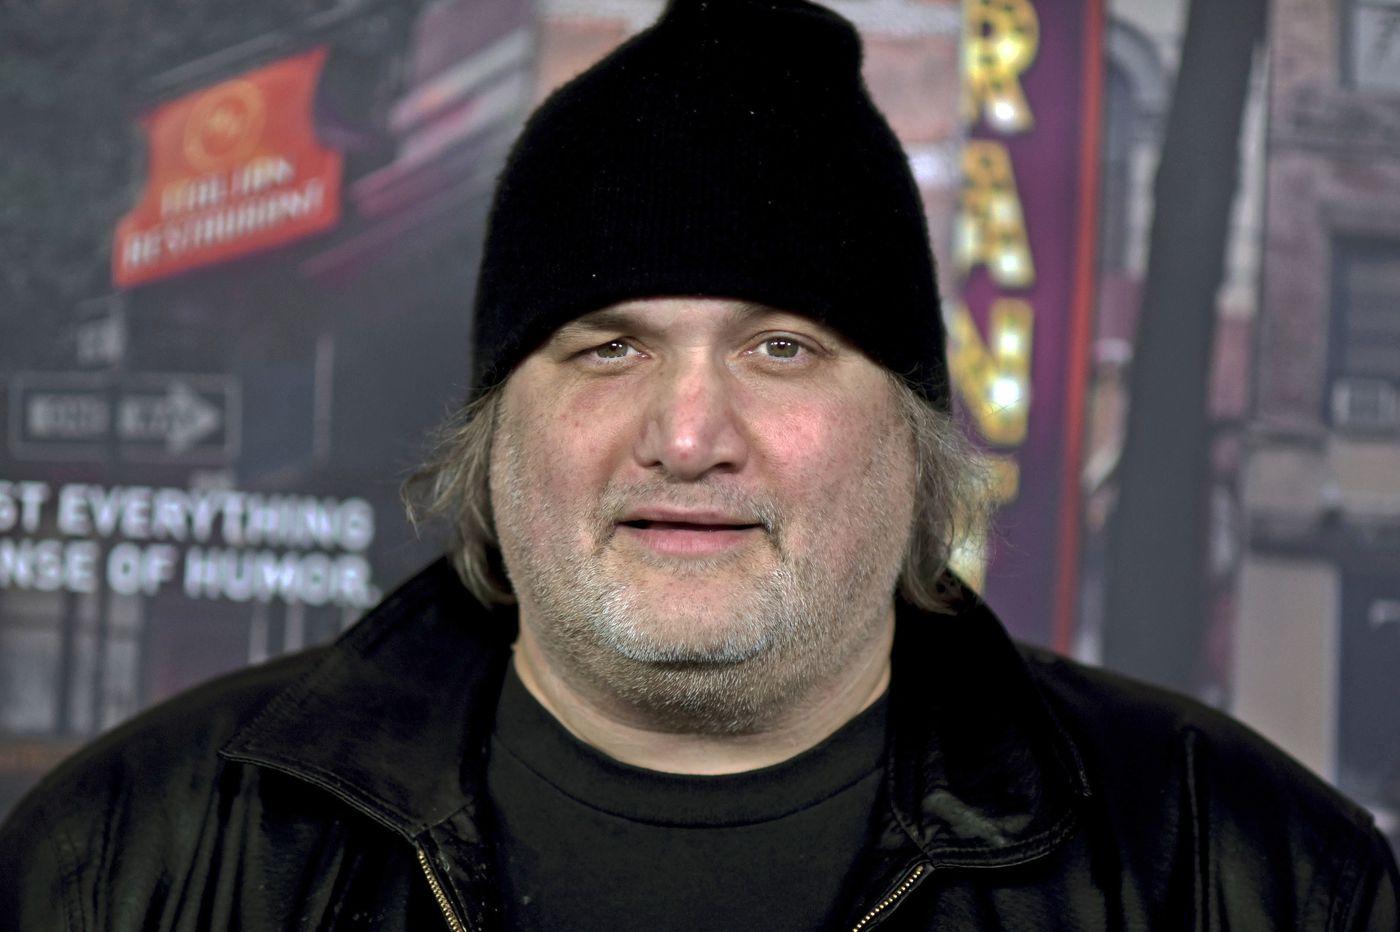 Artie Lange arrested in New Jersey over probation violation